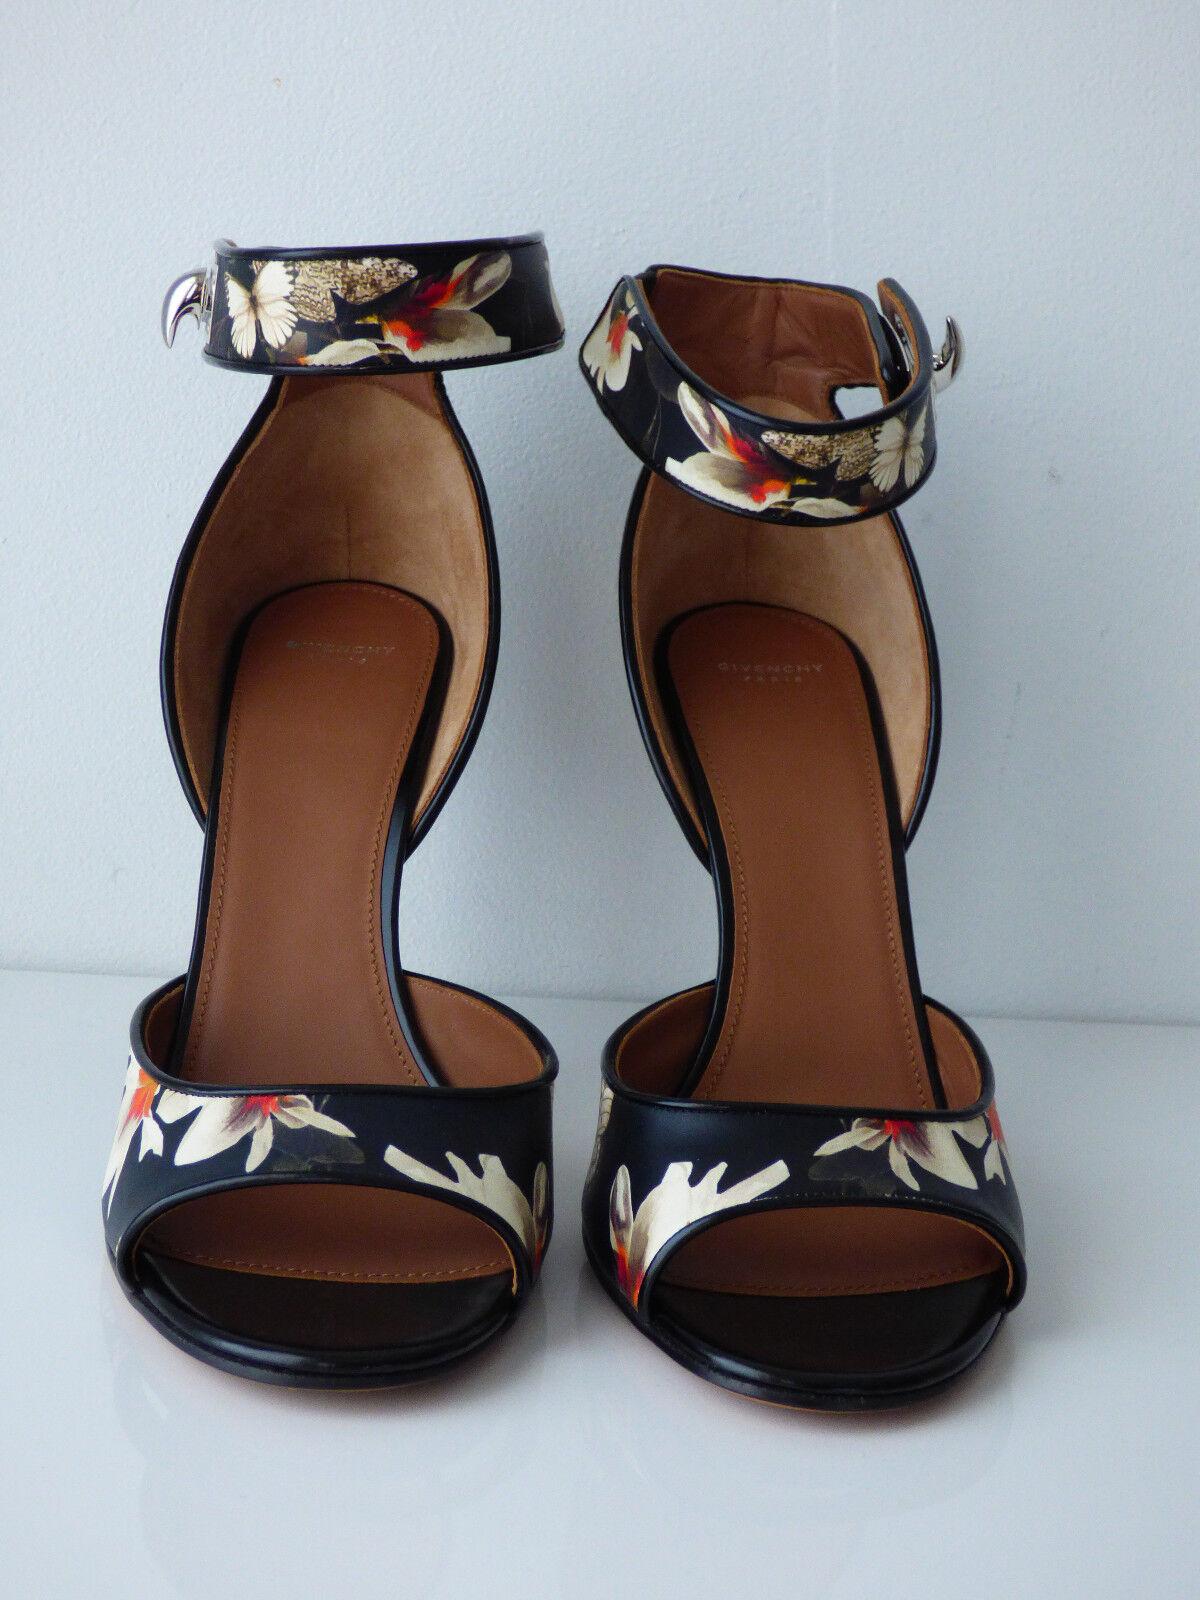 Sandales imprimées à fleurs en cuir multiFarbee multiFarbee multiFarbee Givenchy eda5ea